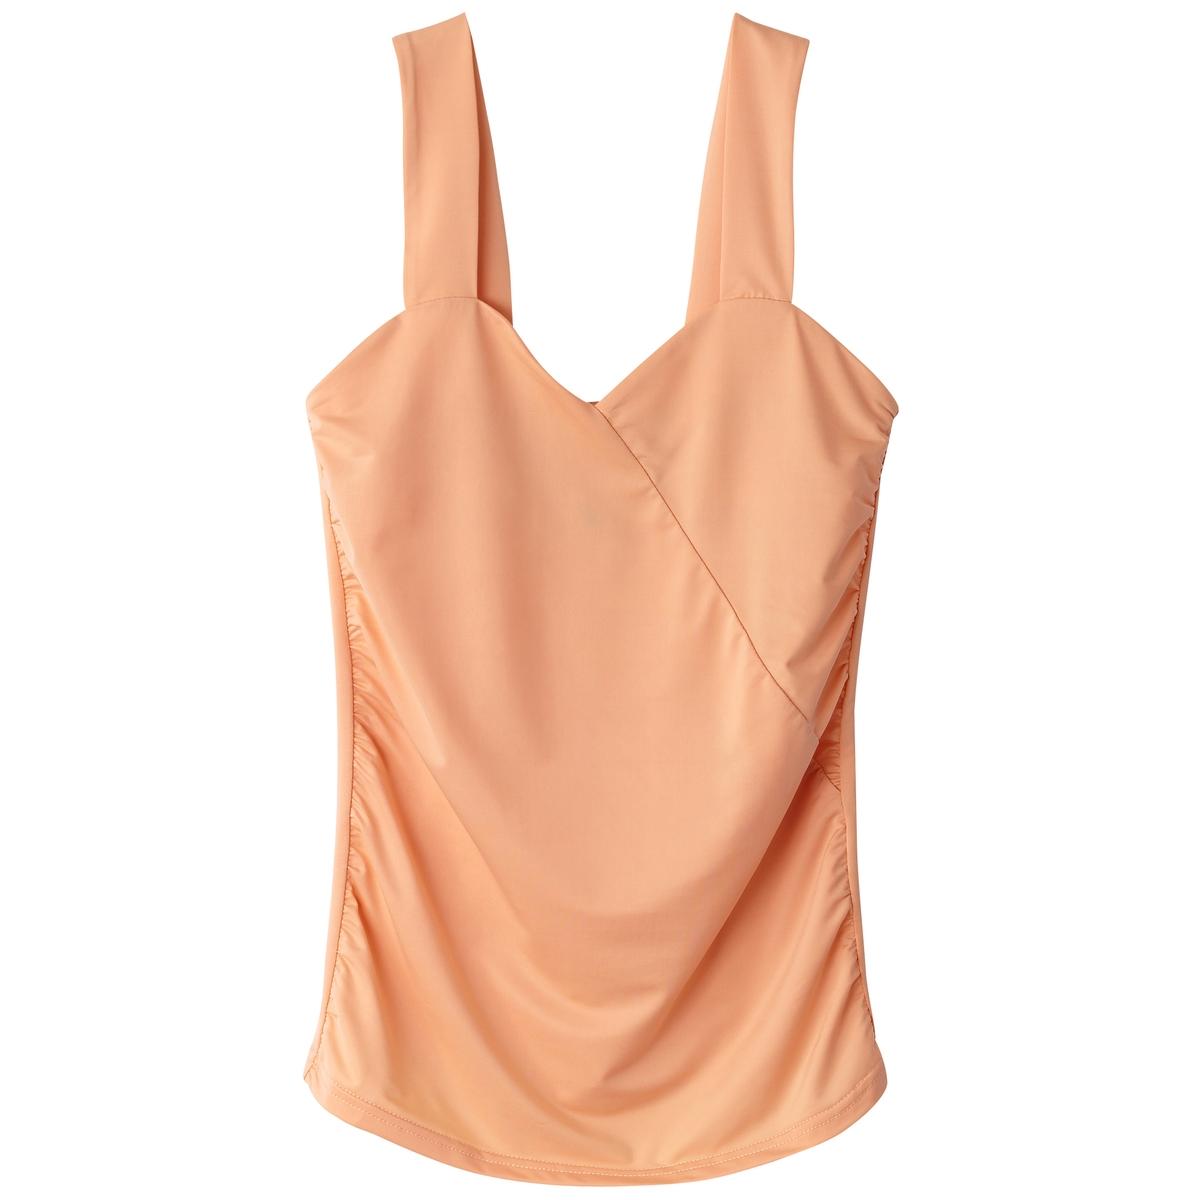 Camiseta sin mangas ceñida al cuerpo, efecto segun